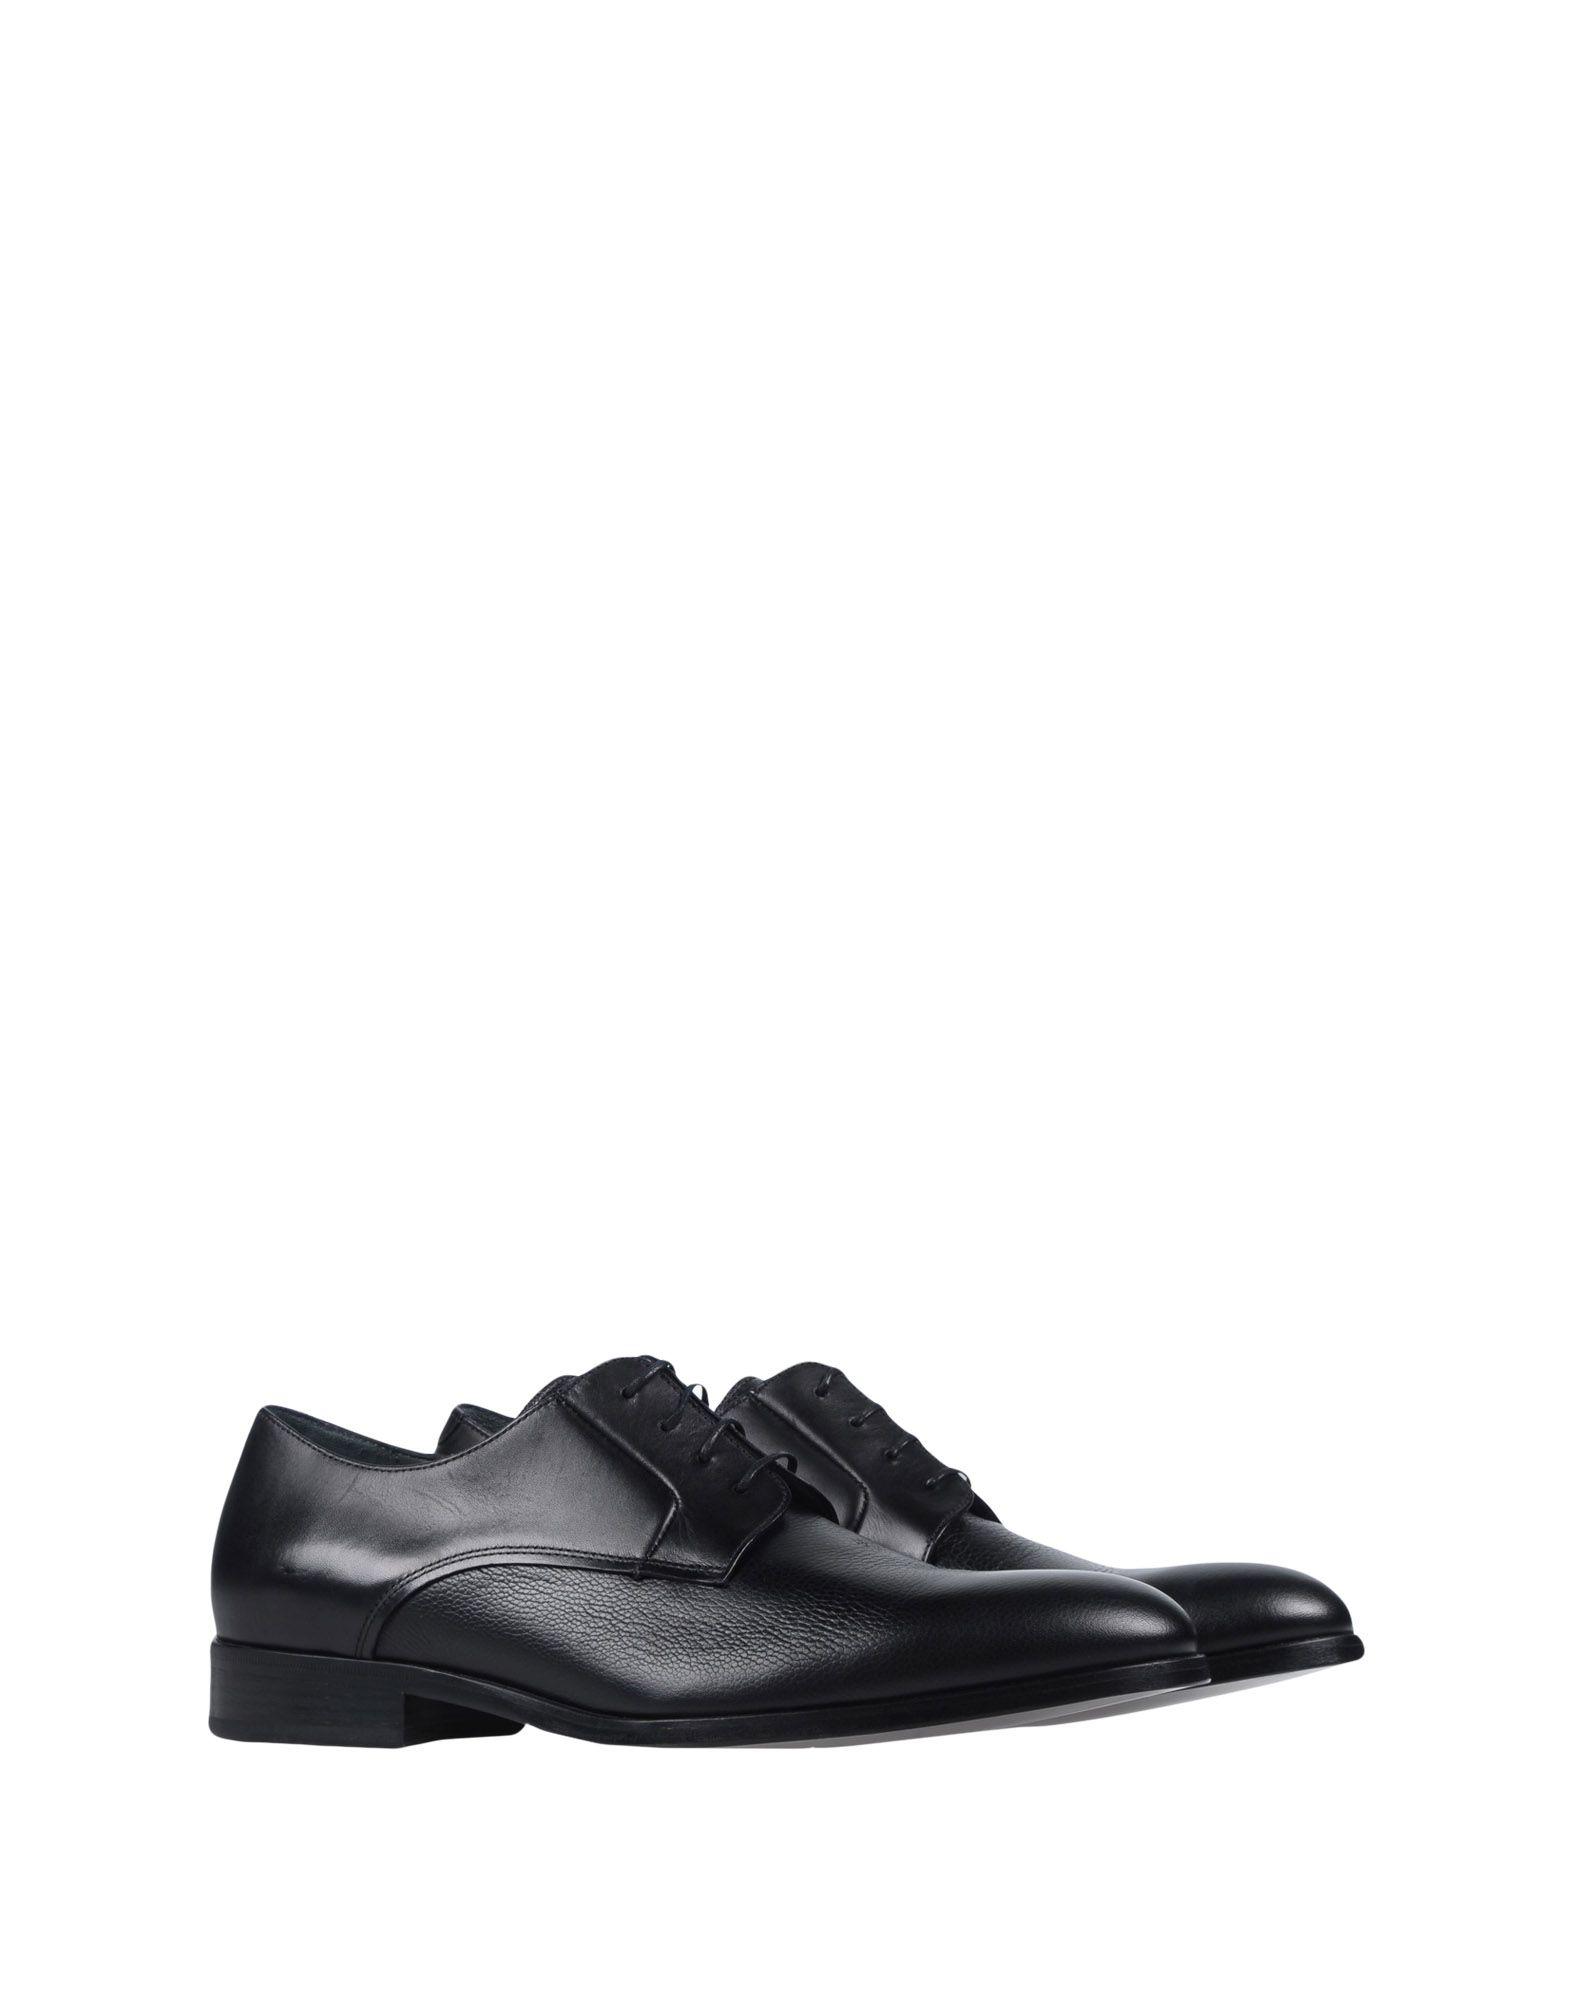 Lanvin Schnürschuhe Herren  11514157TS Gute Qualität beliebte Schuhe